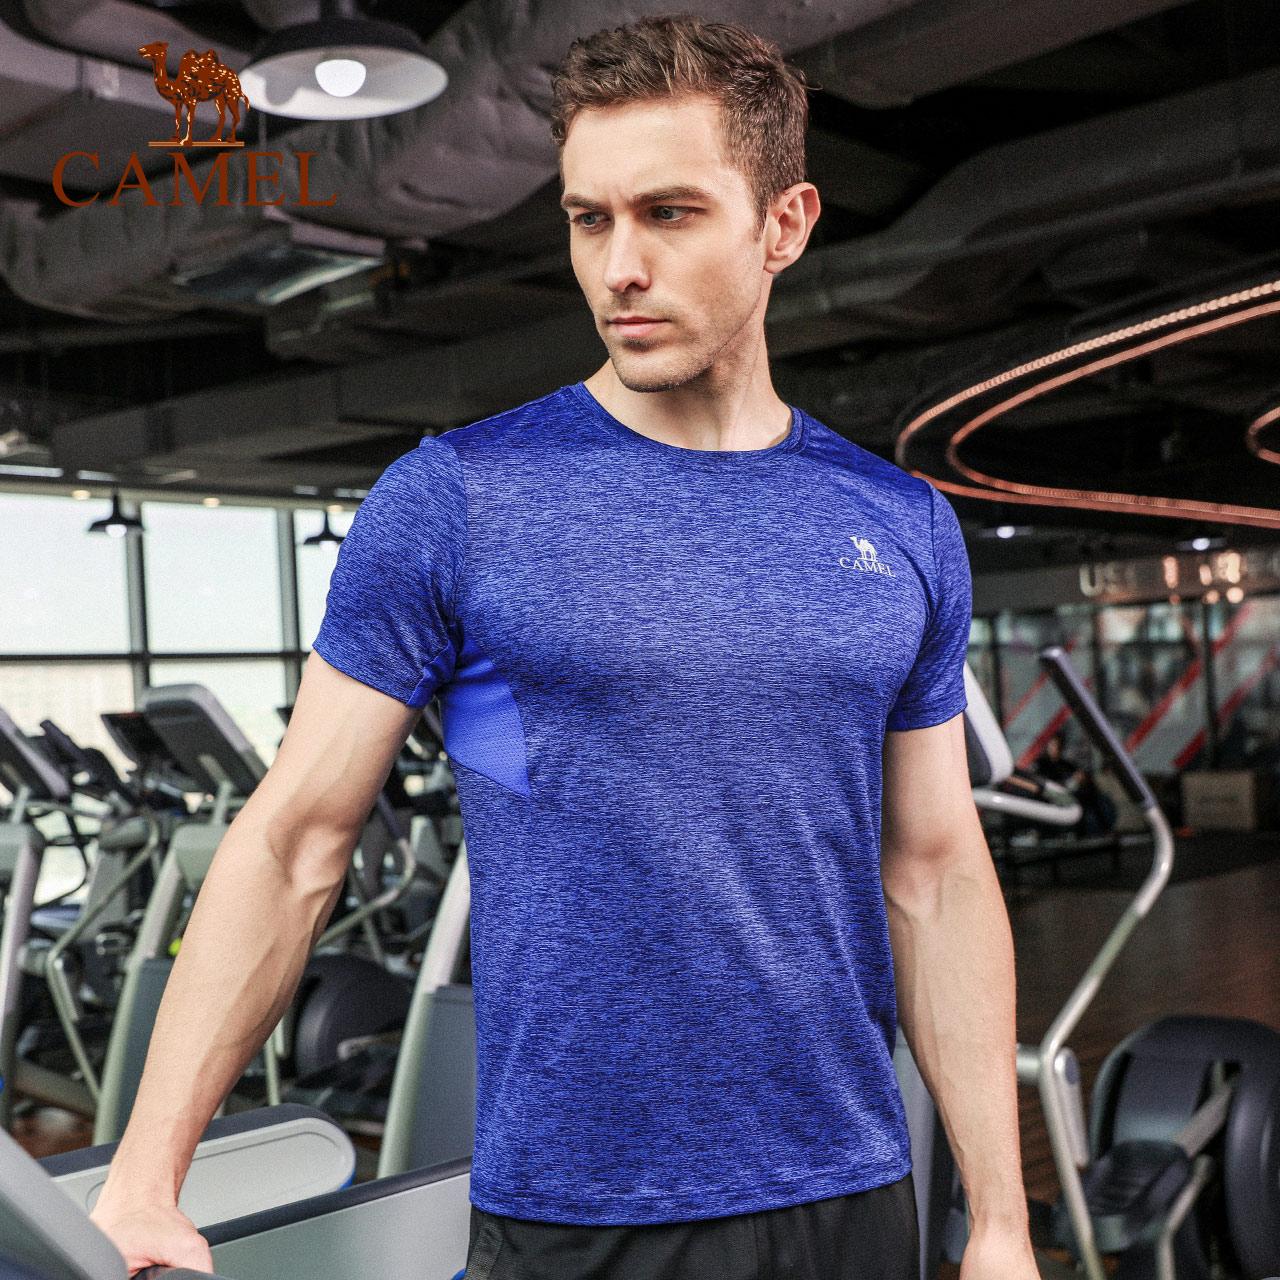 【2018新品】骆驼健身服春夏男款跑步吸汗速干紧身衣短袖运动T恤